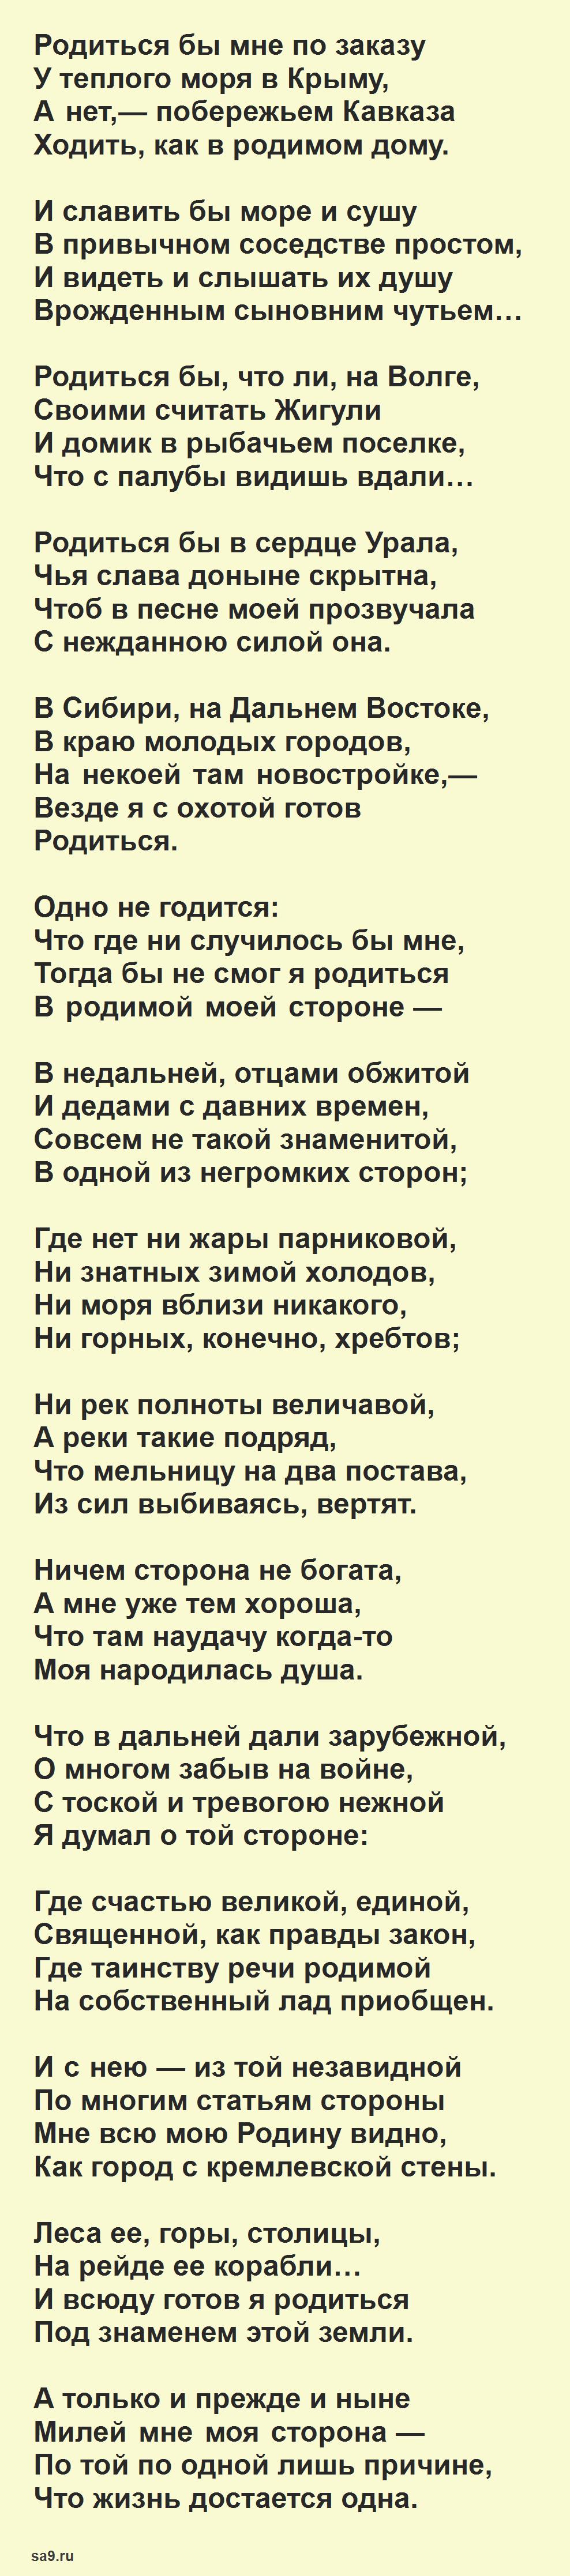 Твардовский стихи о Родине